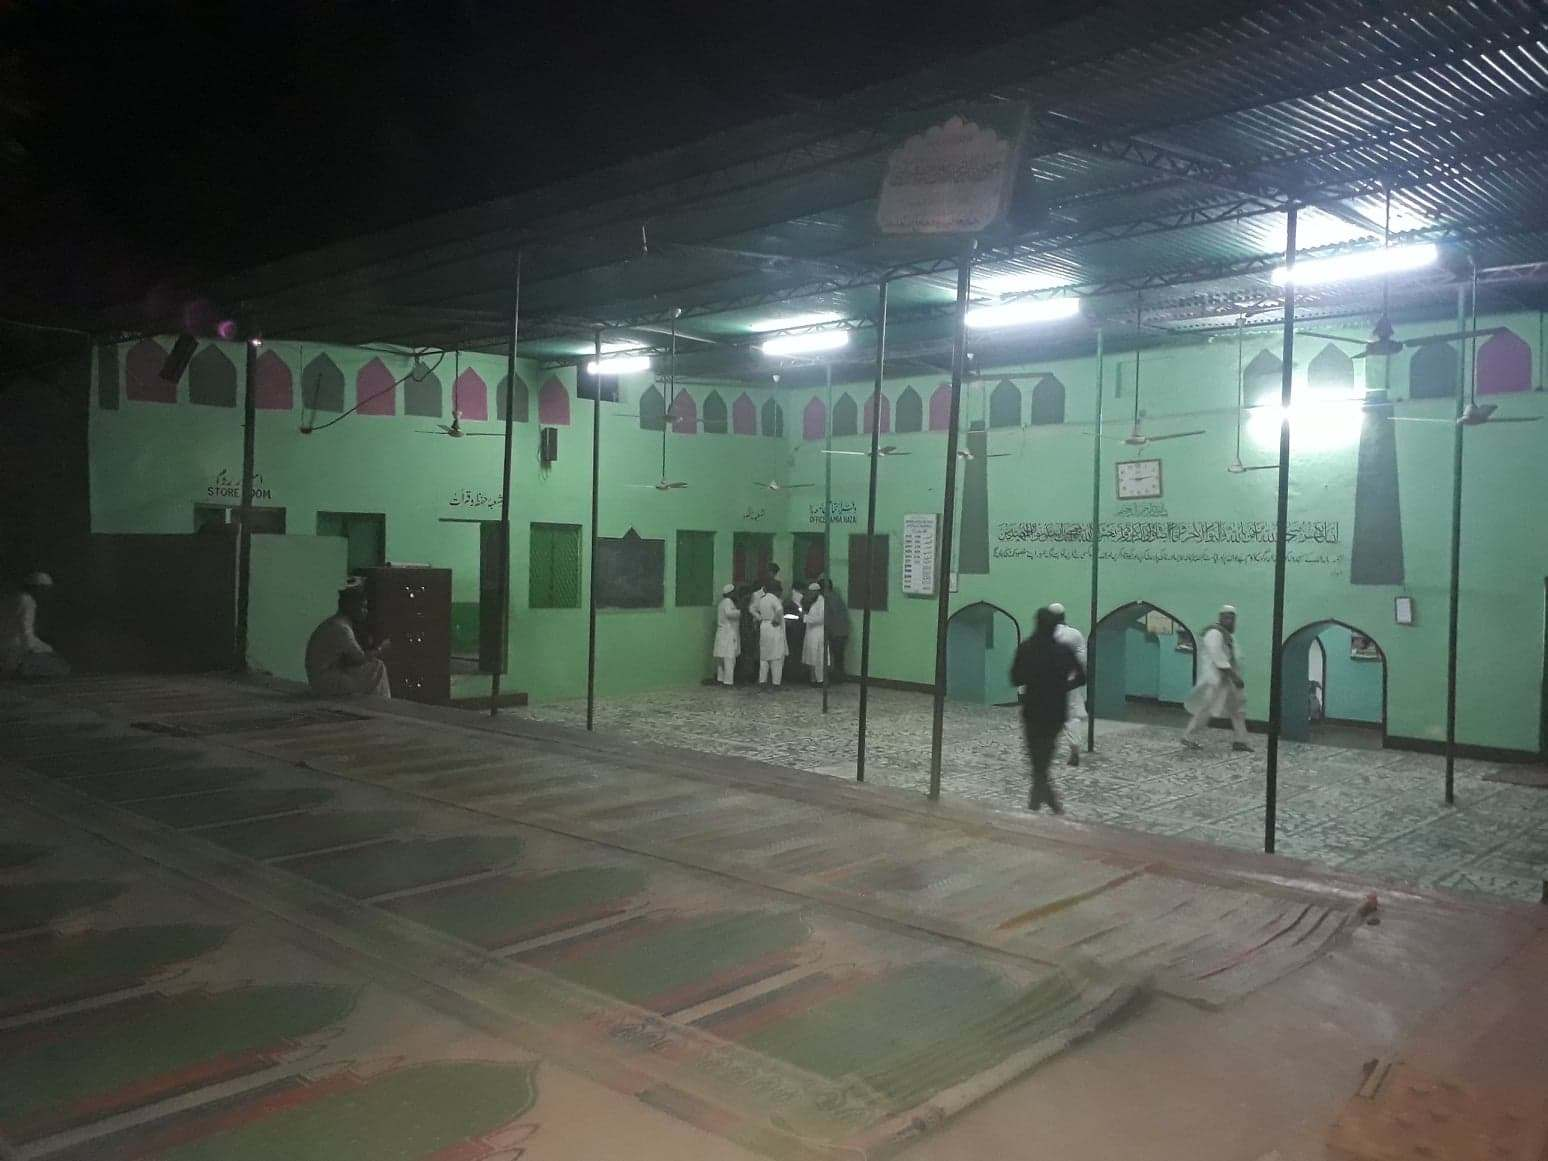 بیگم پورواقع مدرسہ جامعہ فریدیہ اور جامع مسجد (فوٹو : پرشانت کنوجیا/دی وائر)